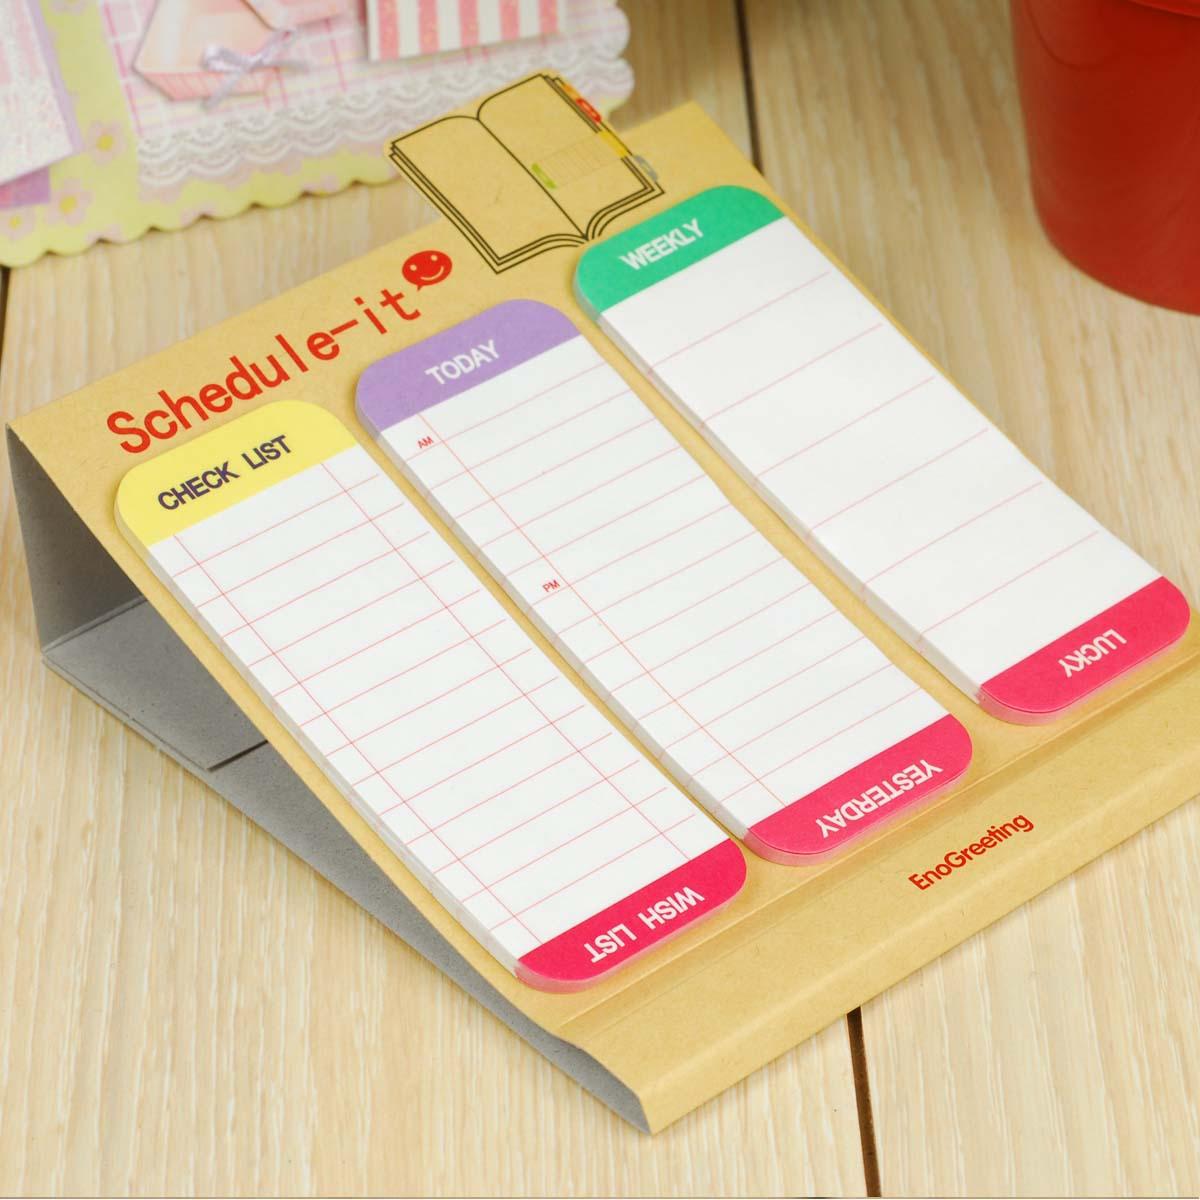 2016 Wholesale Mini Memo Pad Small Checklist Agenda Planner To Do ...